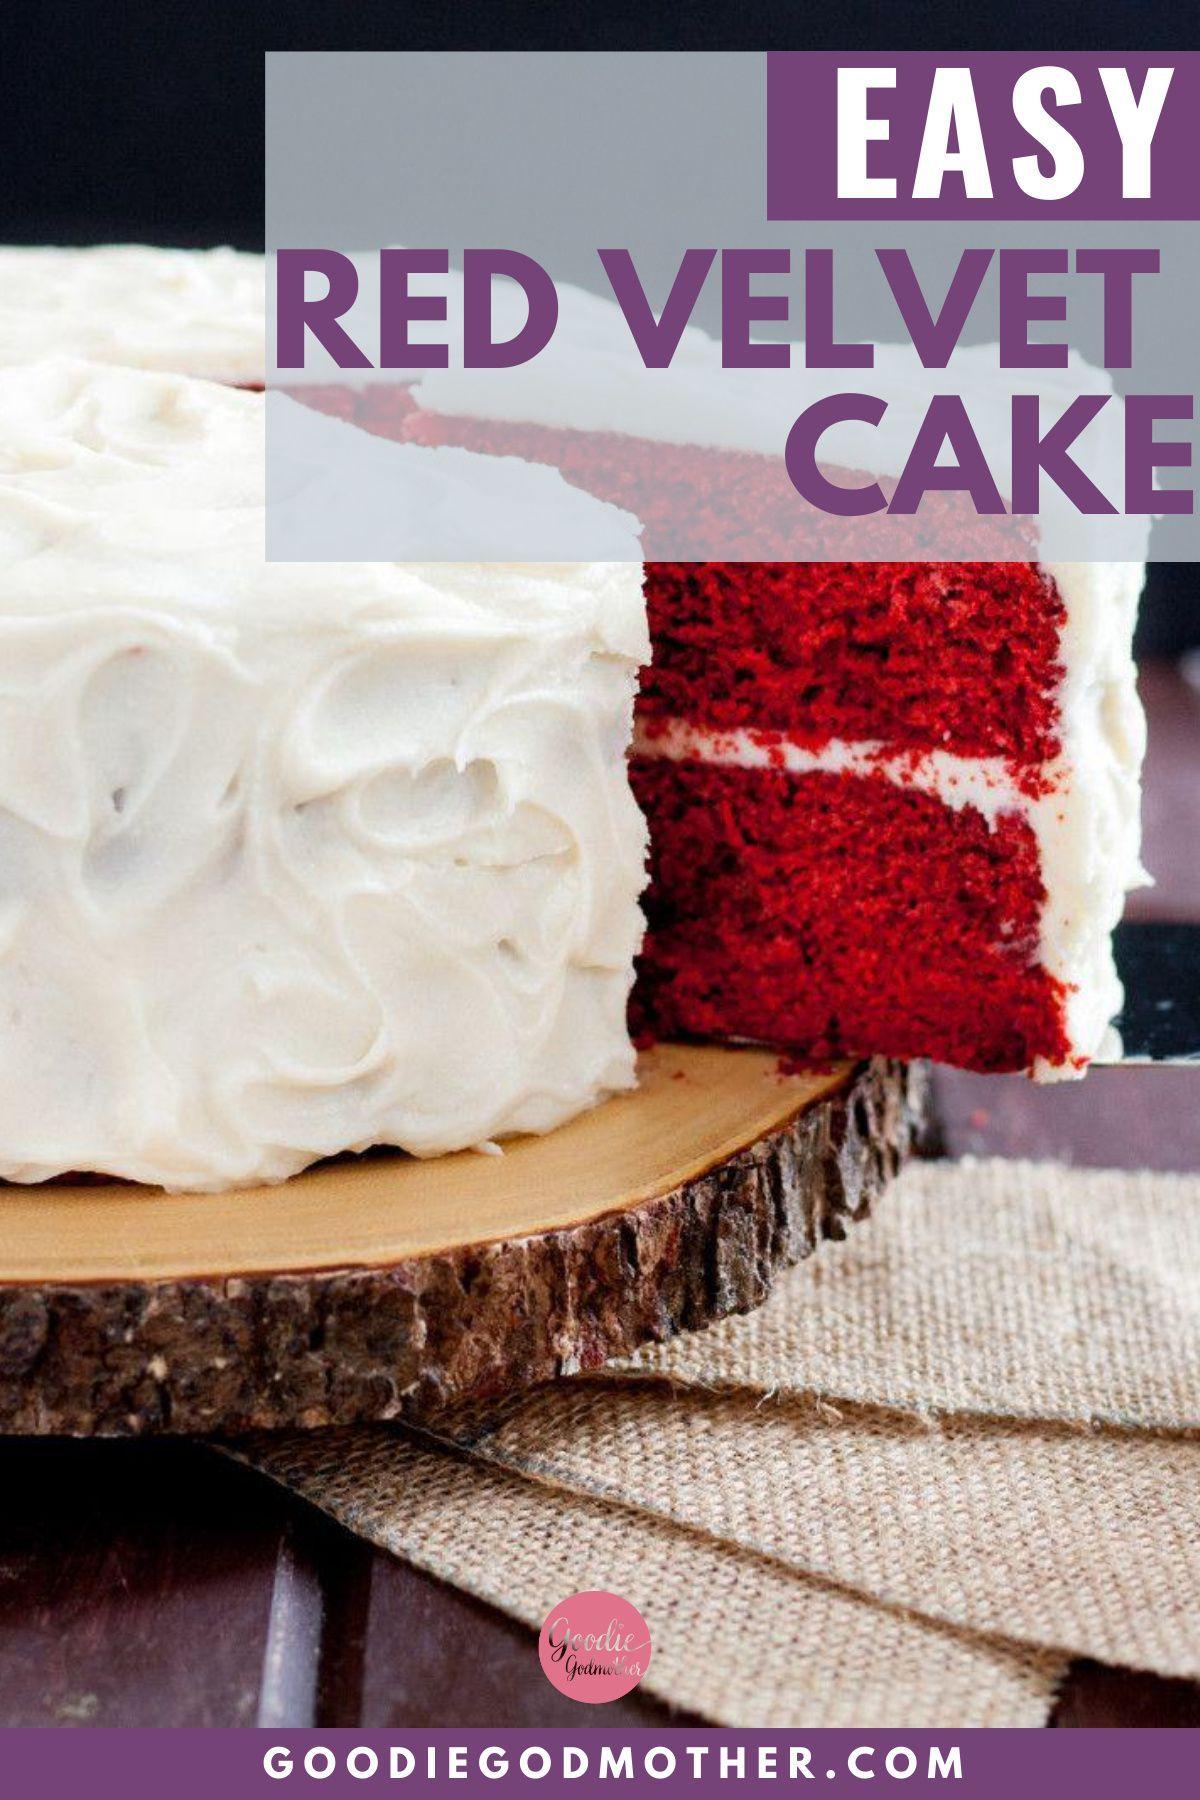 Red Velvet Cake Recipe In 2020 Red Velvet Cake Red Velvet Cake Recipe Easy Red Velvet Cake